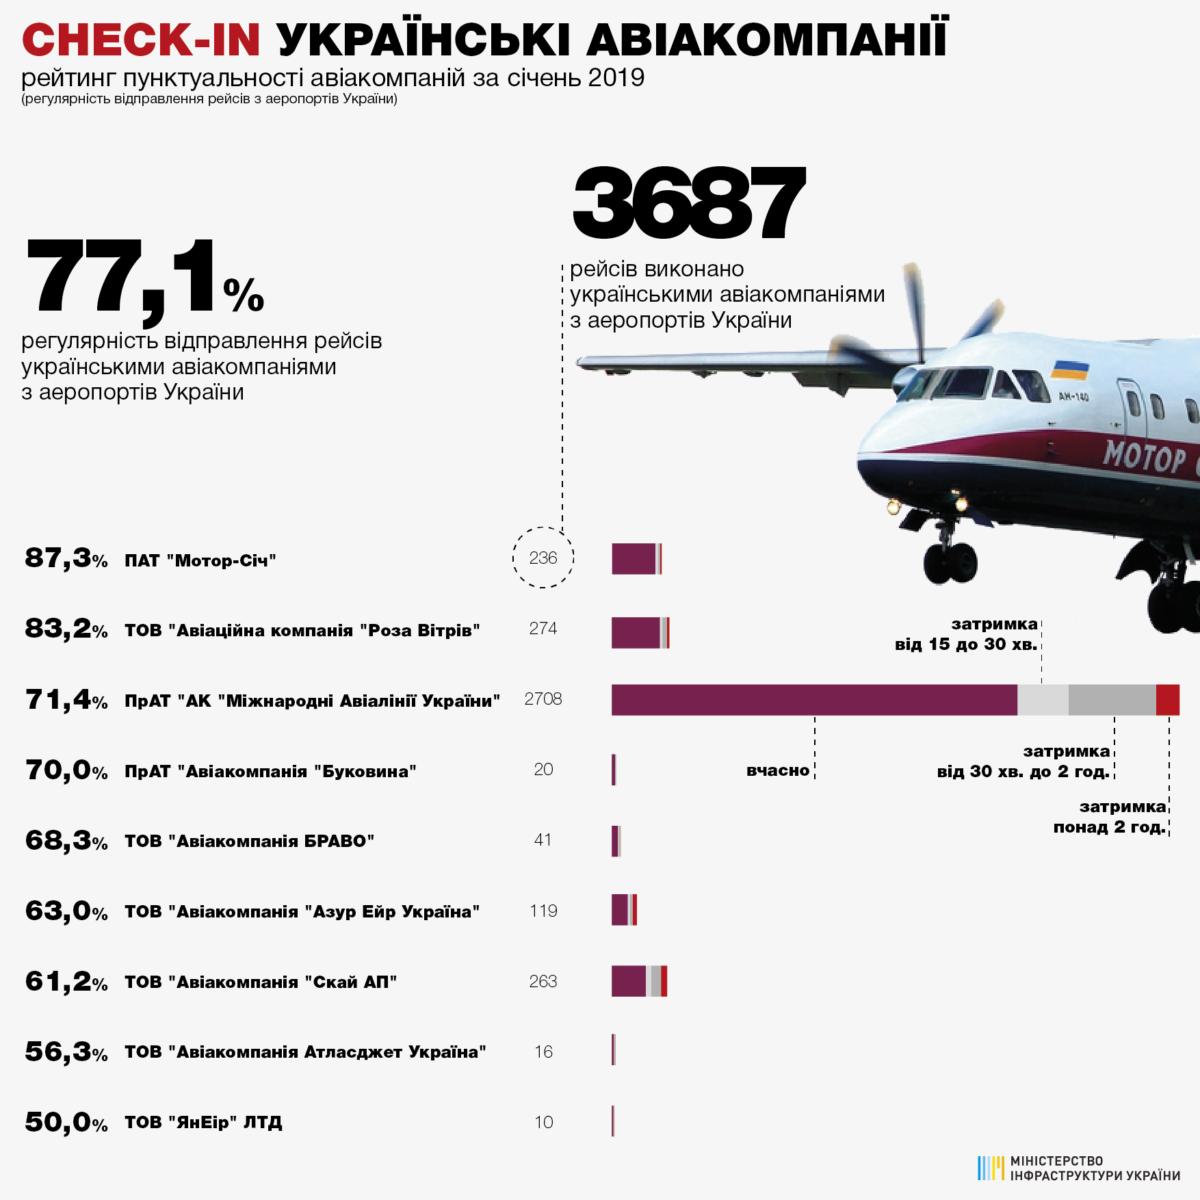 Краткая информация по пунктуальности украинских авиакомпаний за январь 2019 года